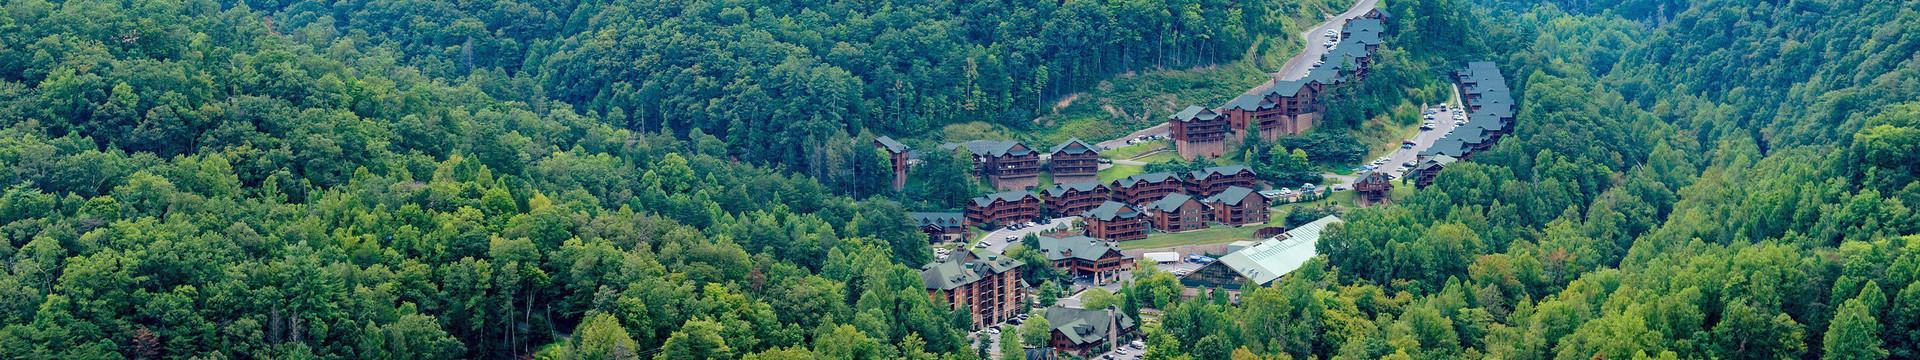 View of the Smoky mountain - Westgate Smoky Mountain